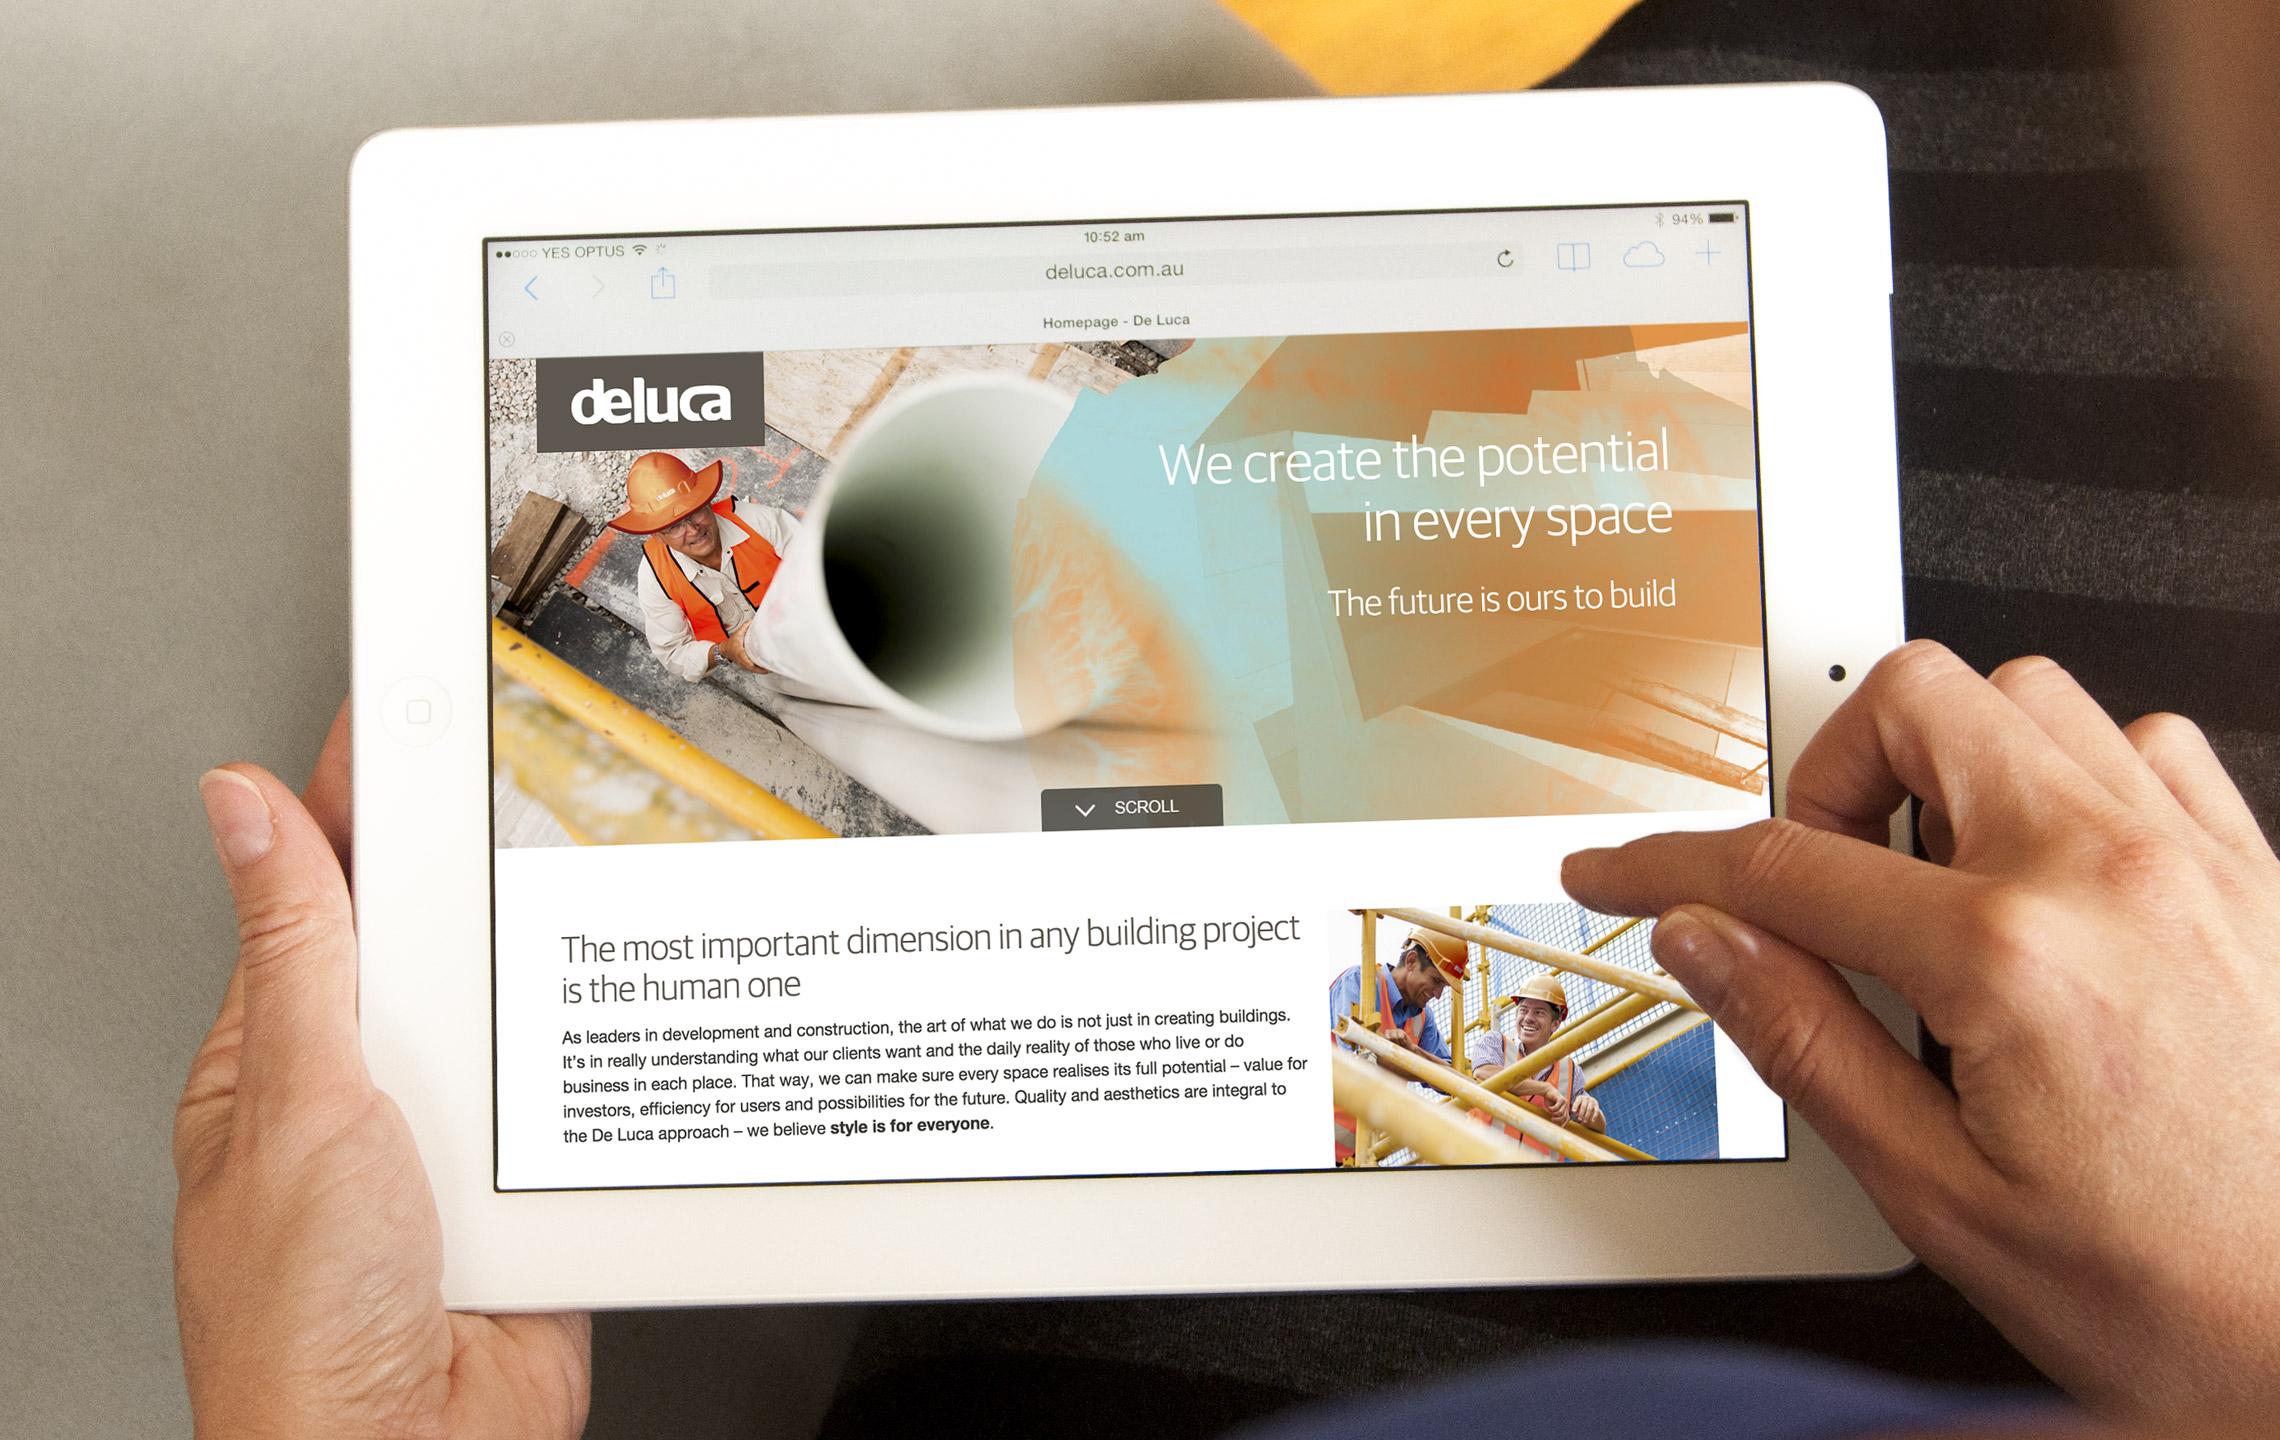 De Luca website on iPad